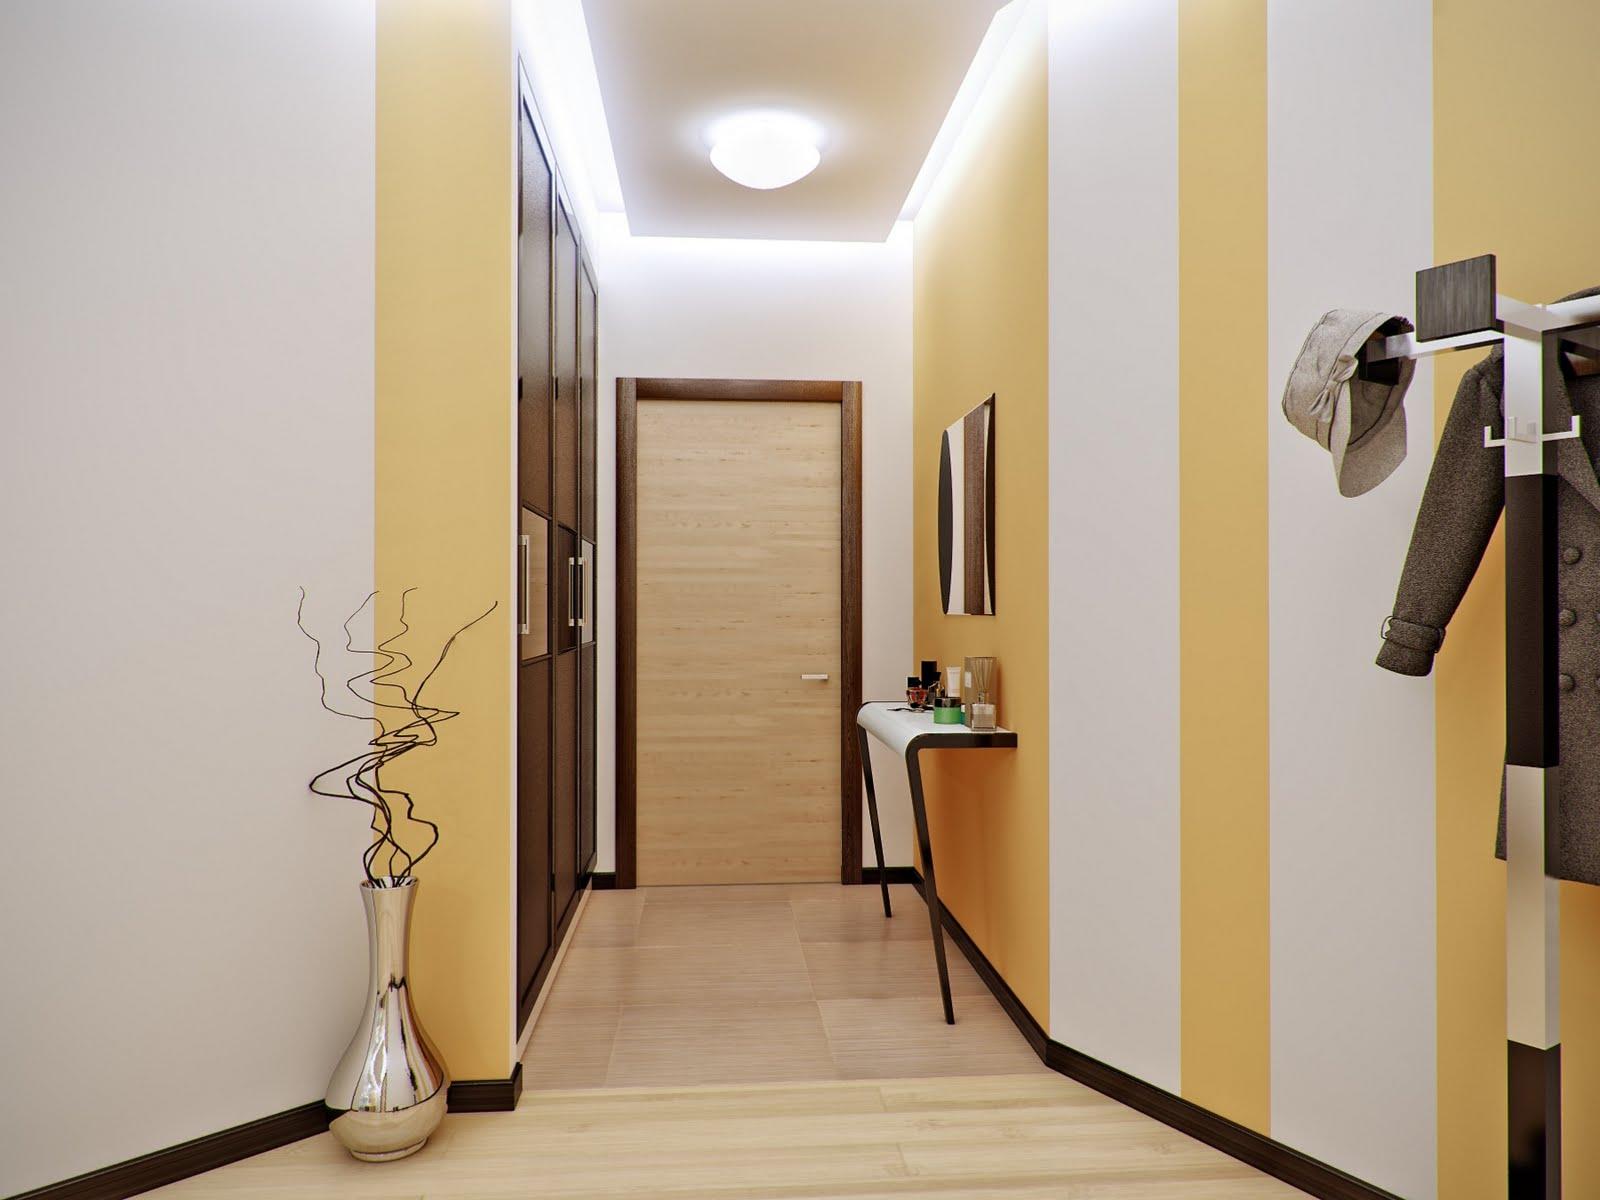 светлые обои в проходную комнату в стиле эко